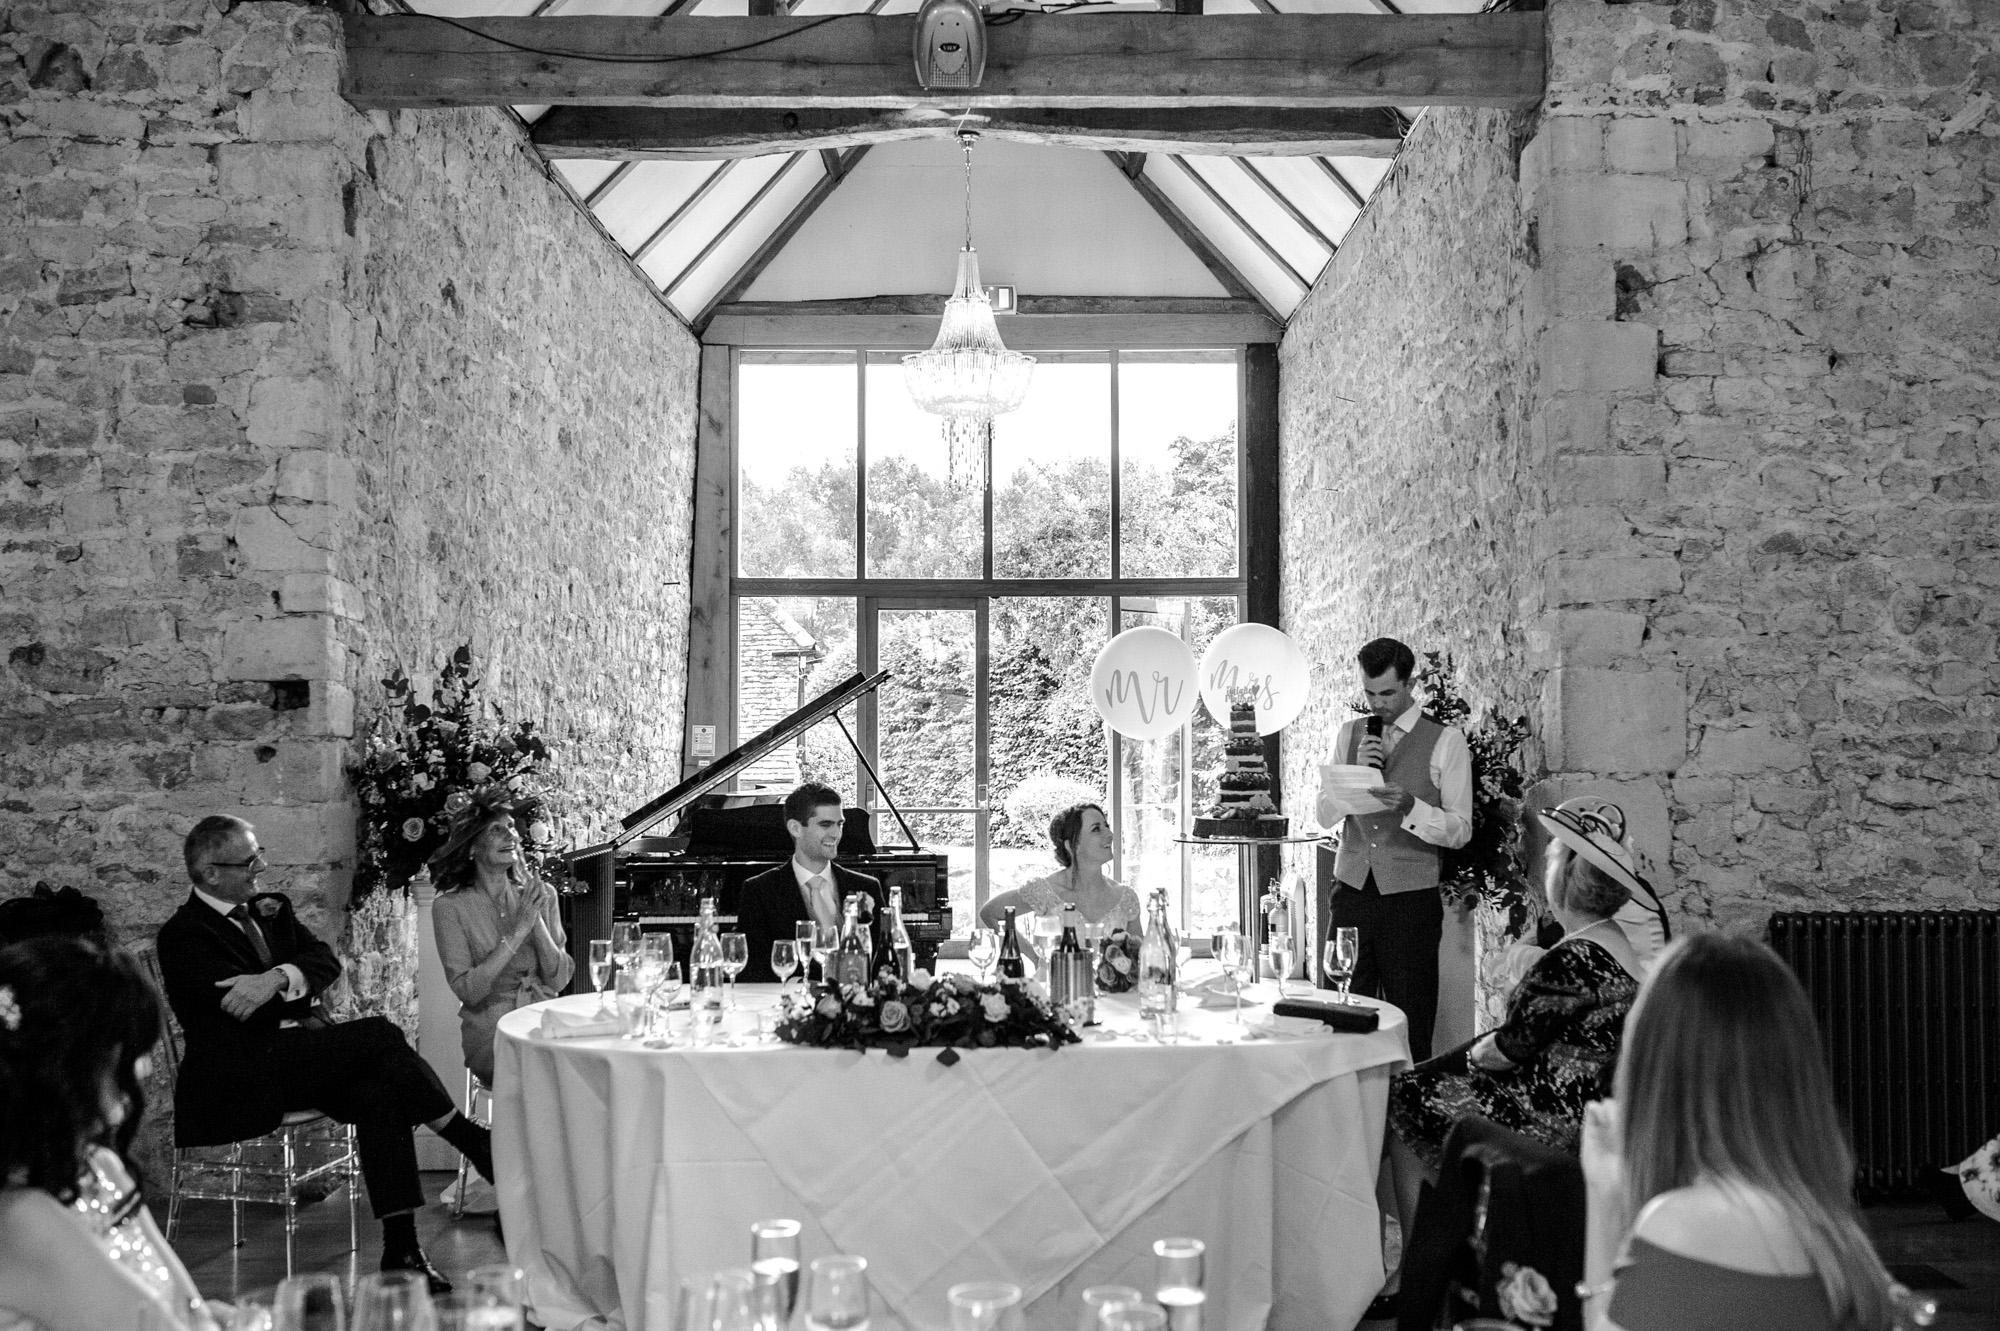 Notley Barn Wedding 26.10.18 30.jpg